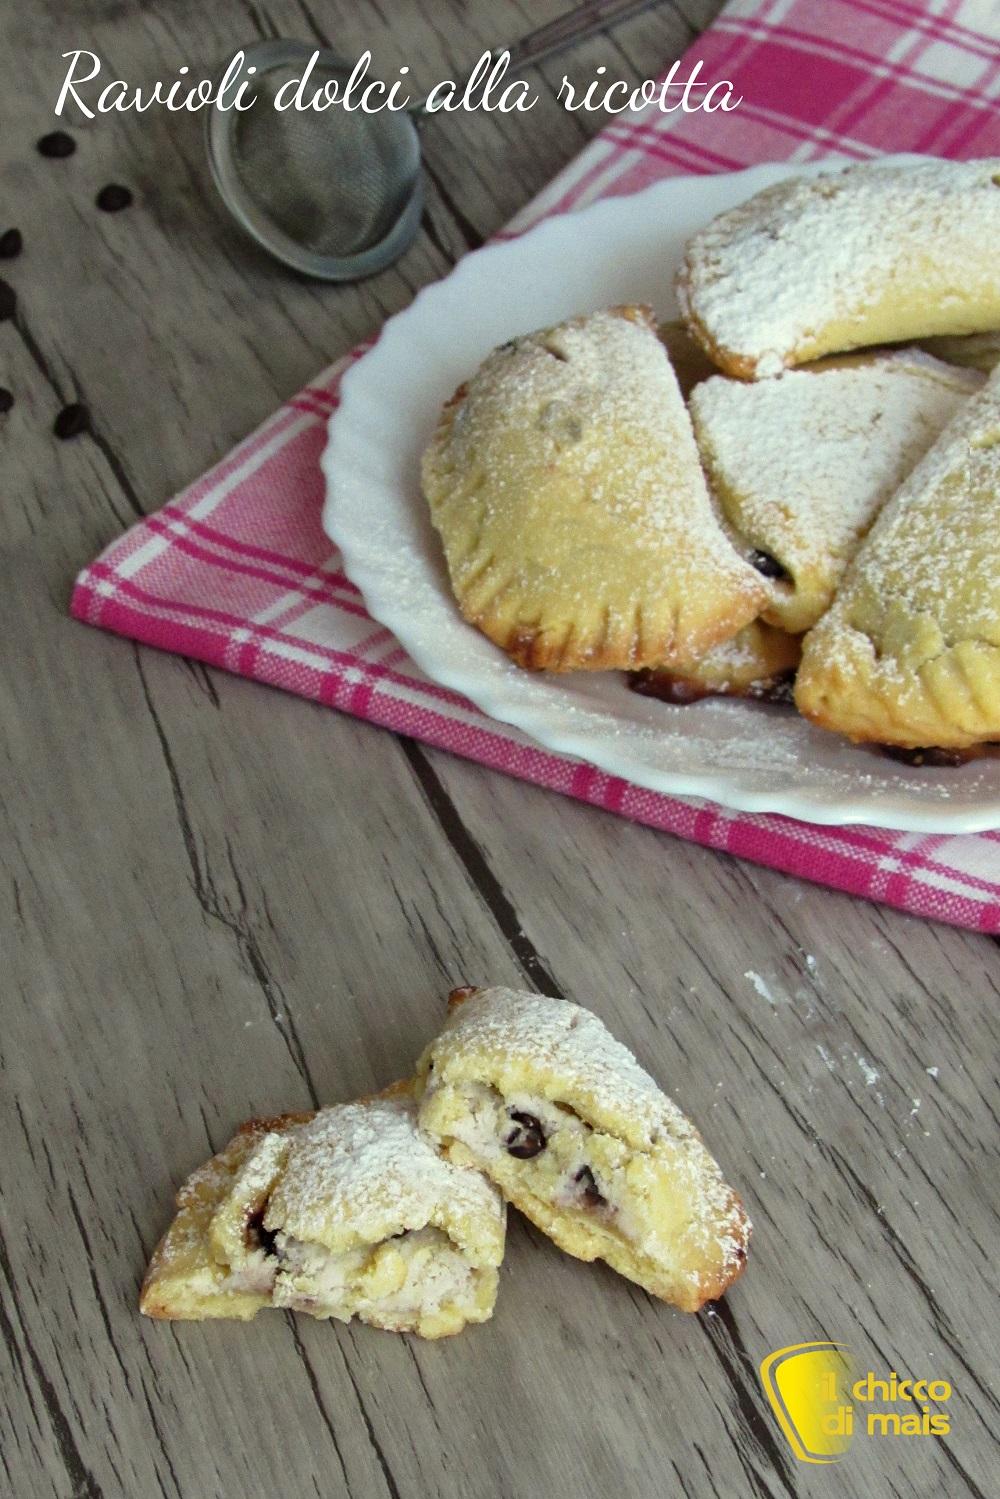 verticale_ravioli dolci alla ricotta al forno ricetta ravioli di carnevale con ricotta e gocce di cioccolato il chicco di mais